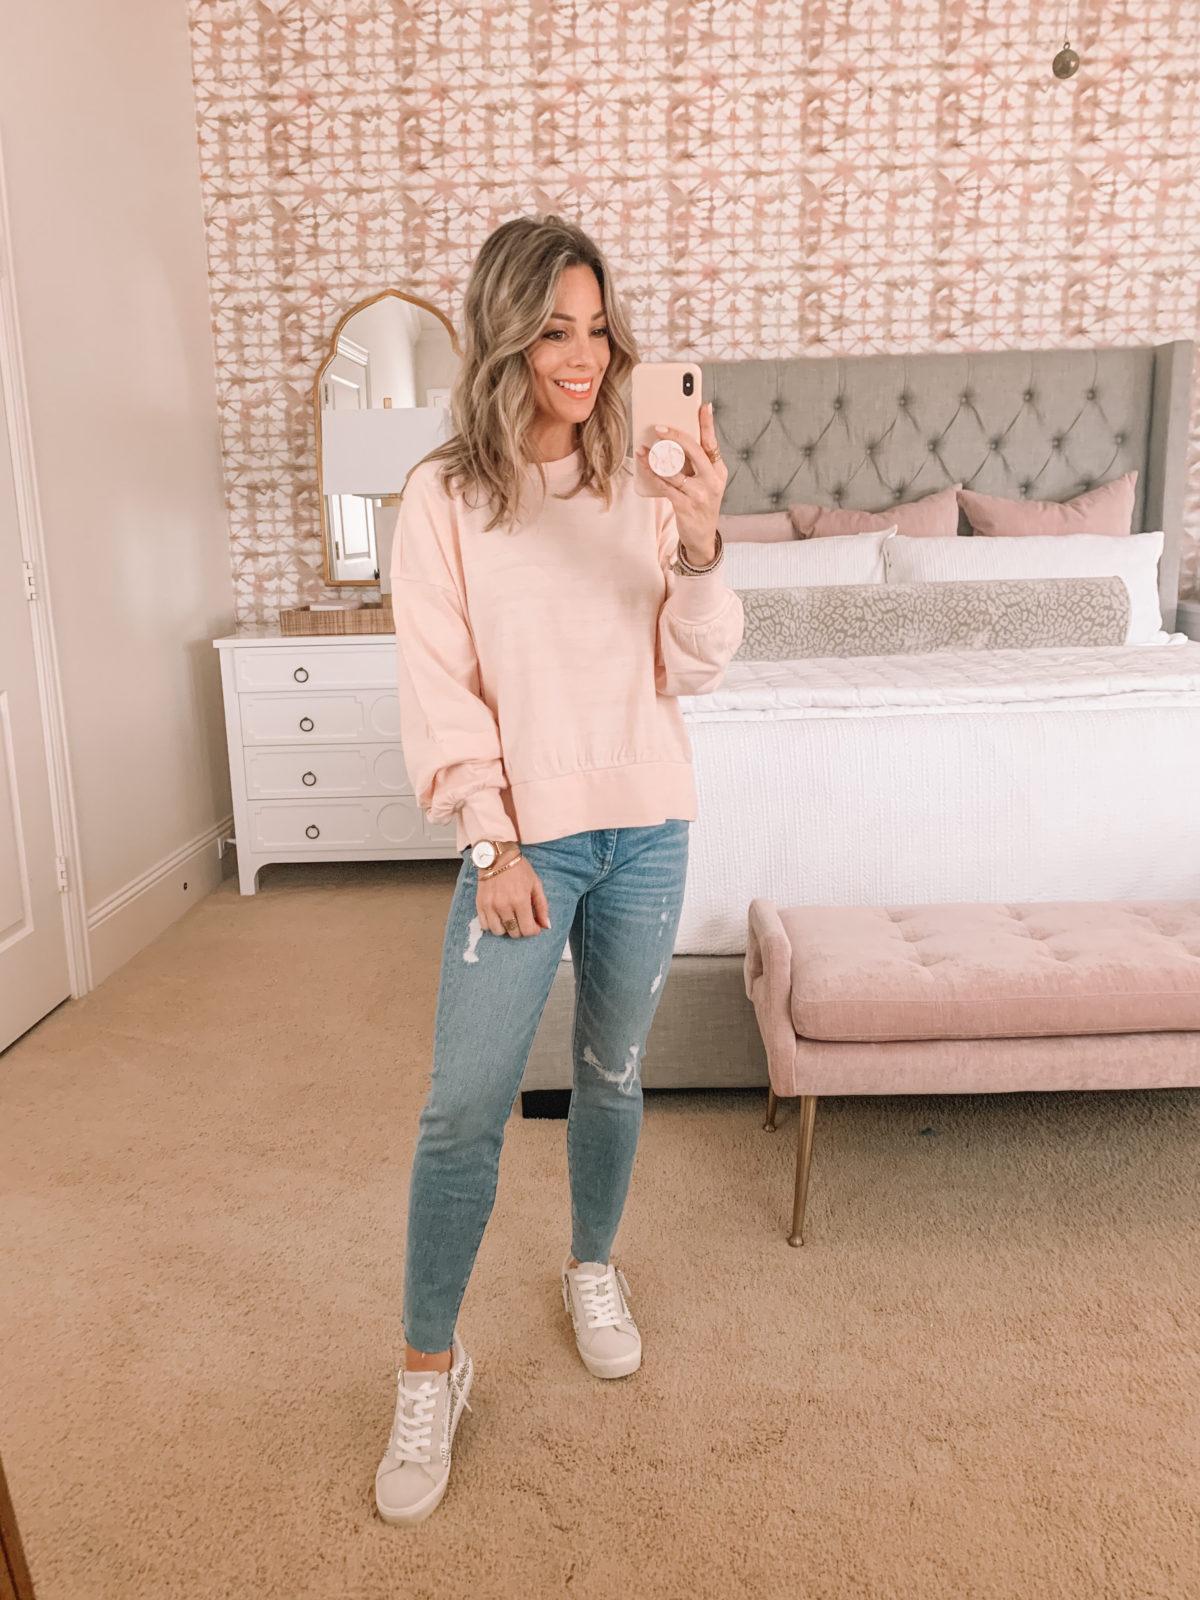 Dressing Room Finds, Pink Crew neck Sweatshirt, Jeans, Sneakers